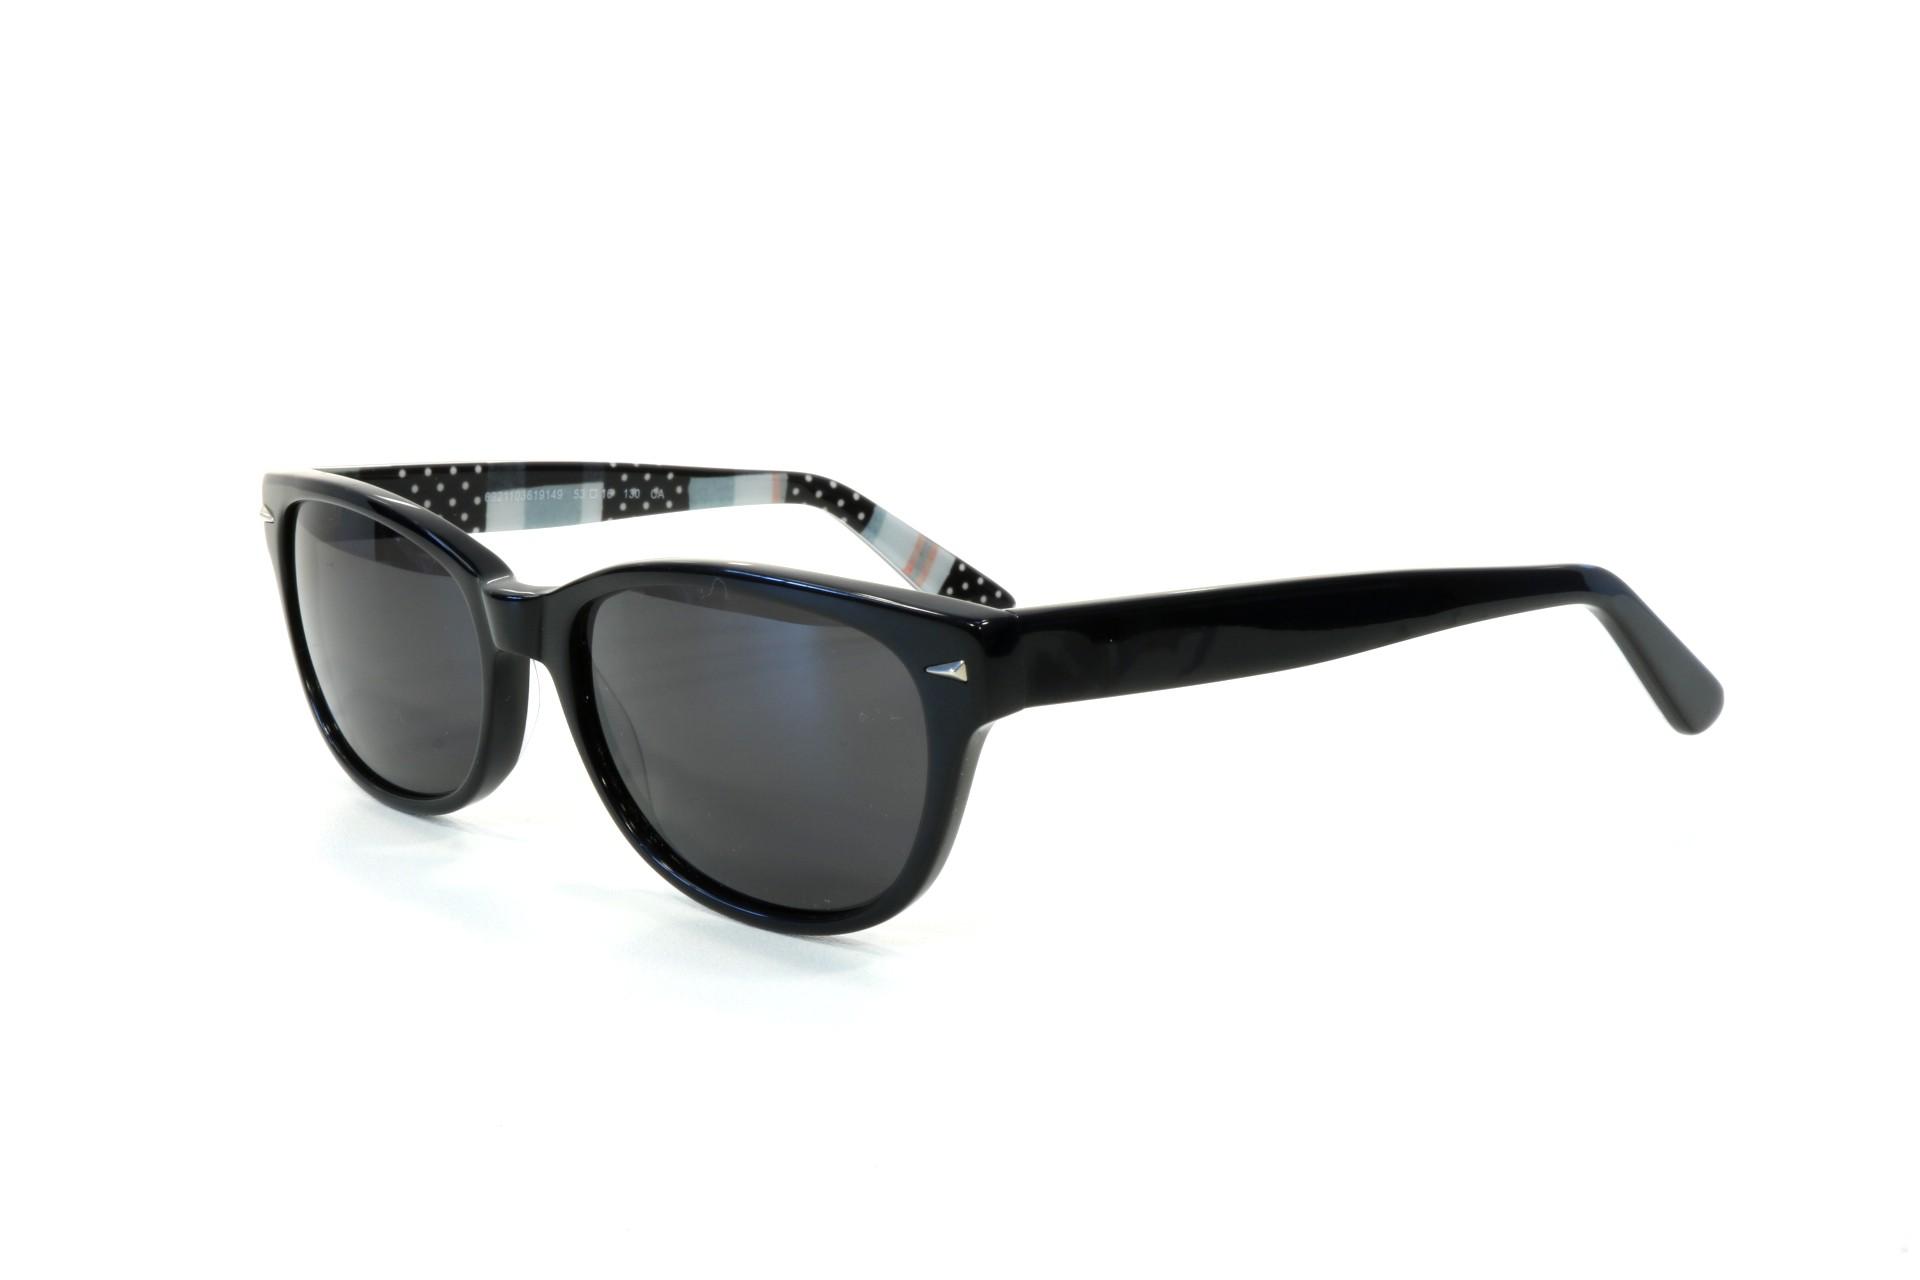 Солнцезащитные очки Solaris SOBT02 BB 53 - купить по низкой цене в интернет-магазине  Линзмастер. 642769966aa